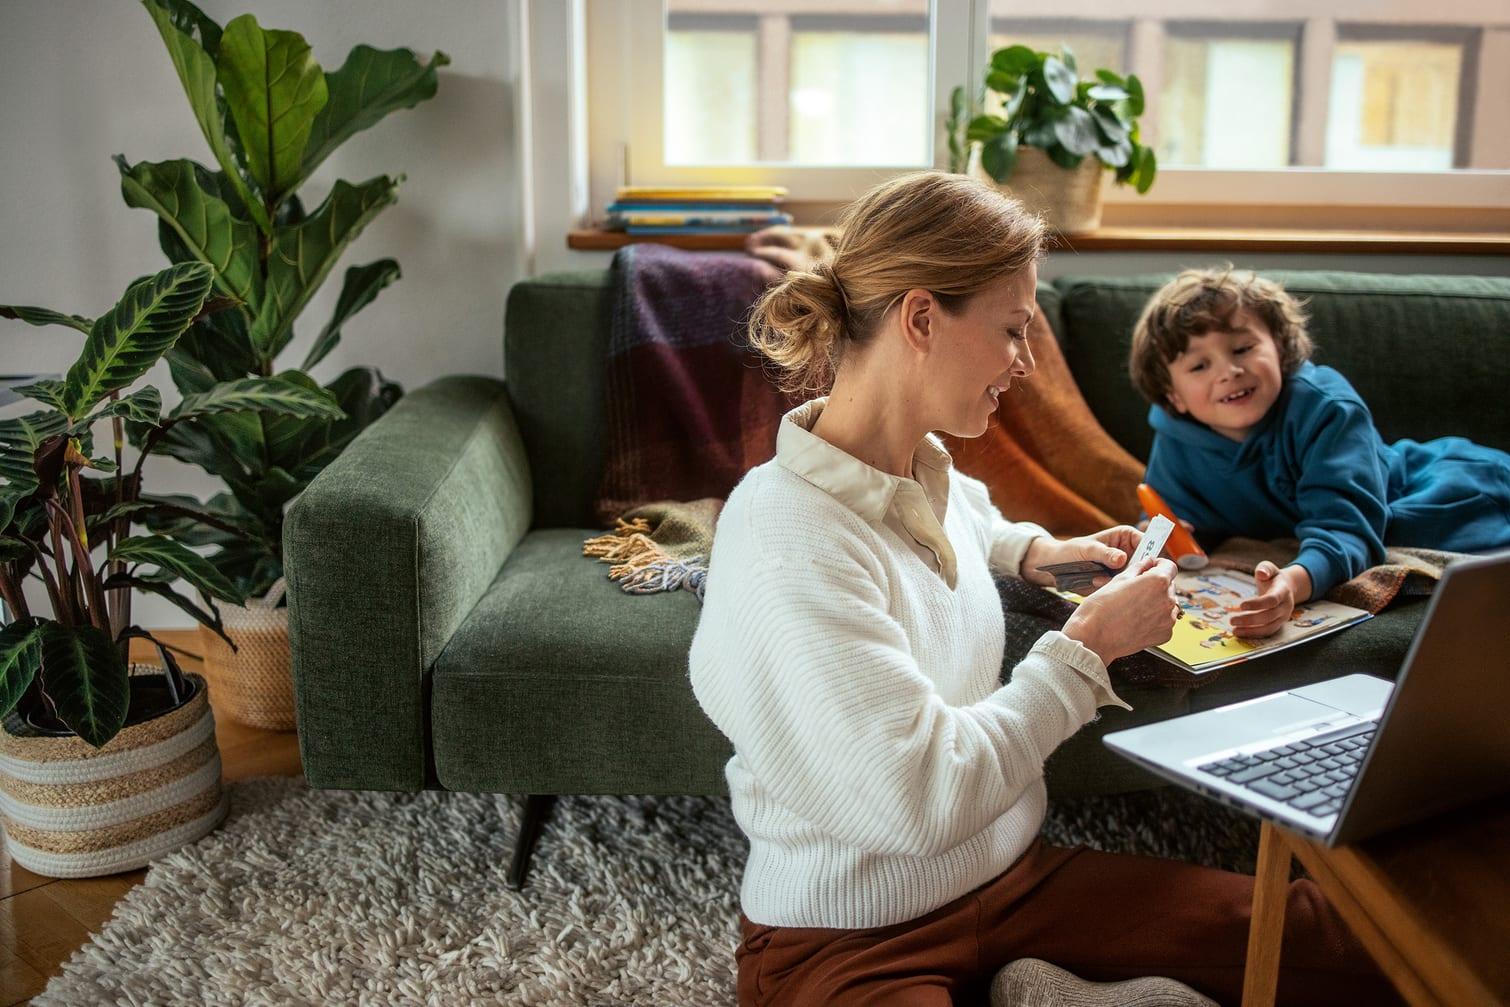 Eine Frau sitzt mit ihrem Sohn im Wohnzimmer. Sie sortieren Migros Mania Sammelelemente.